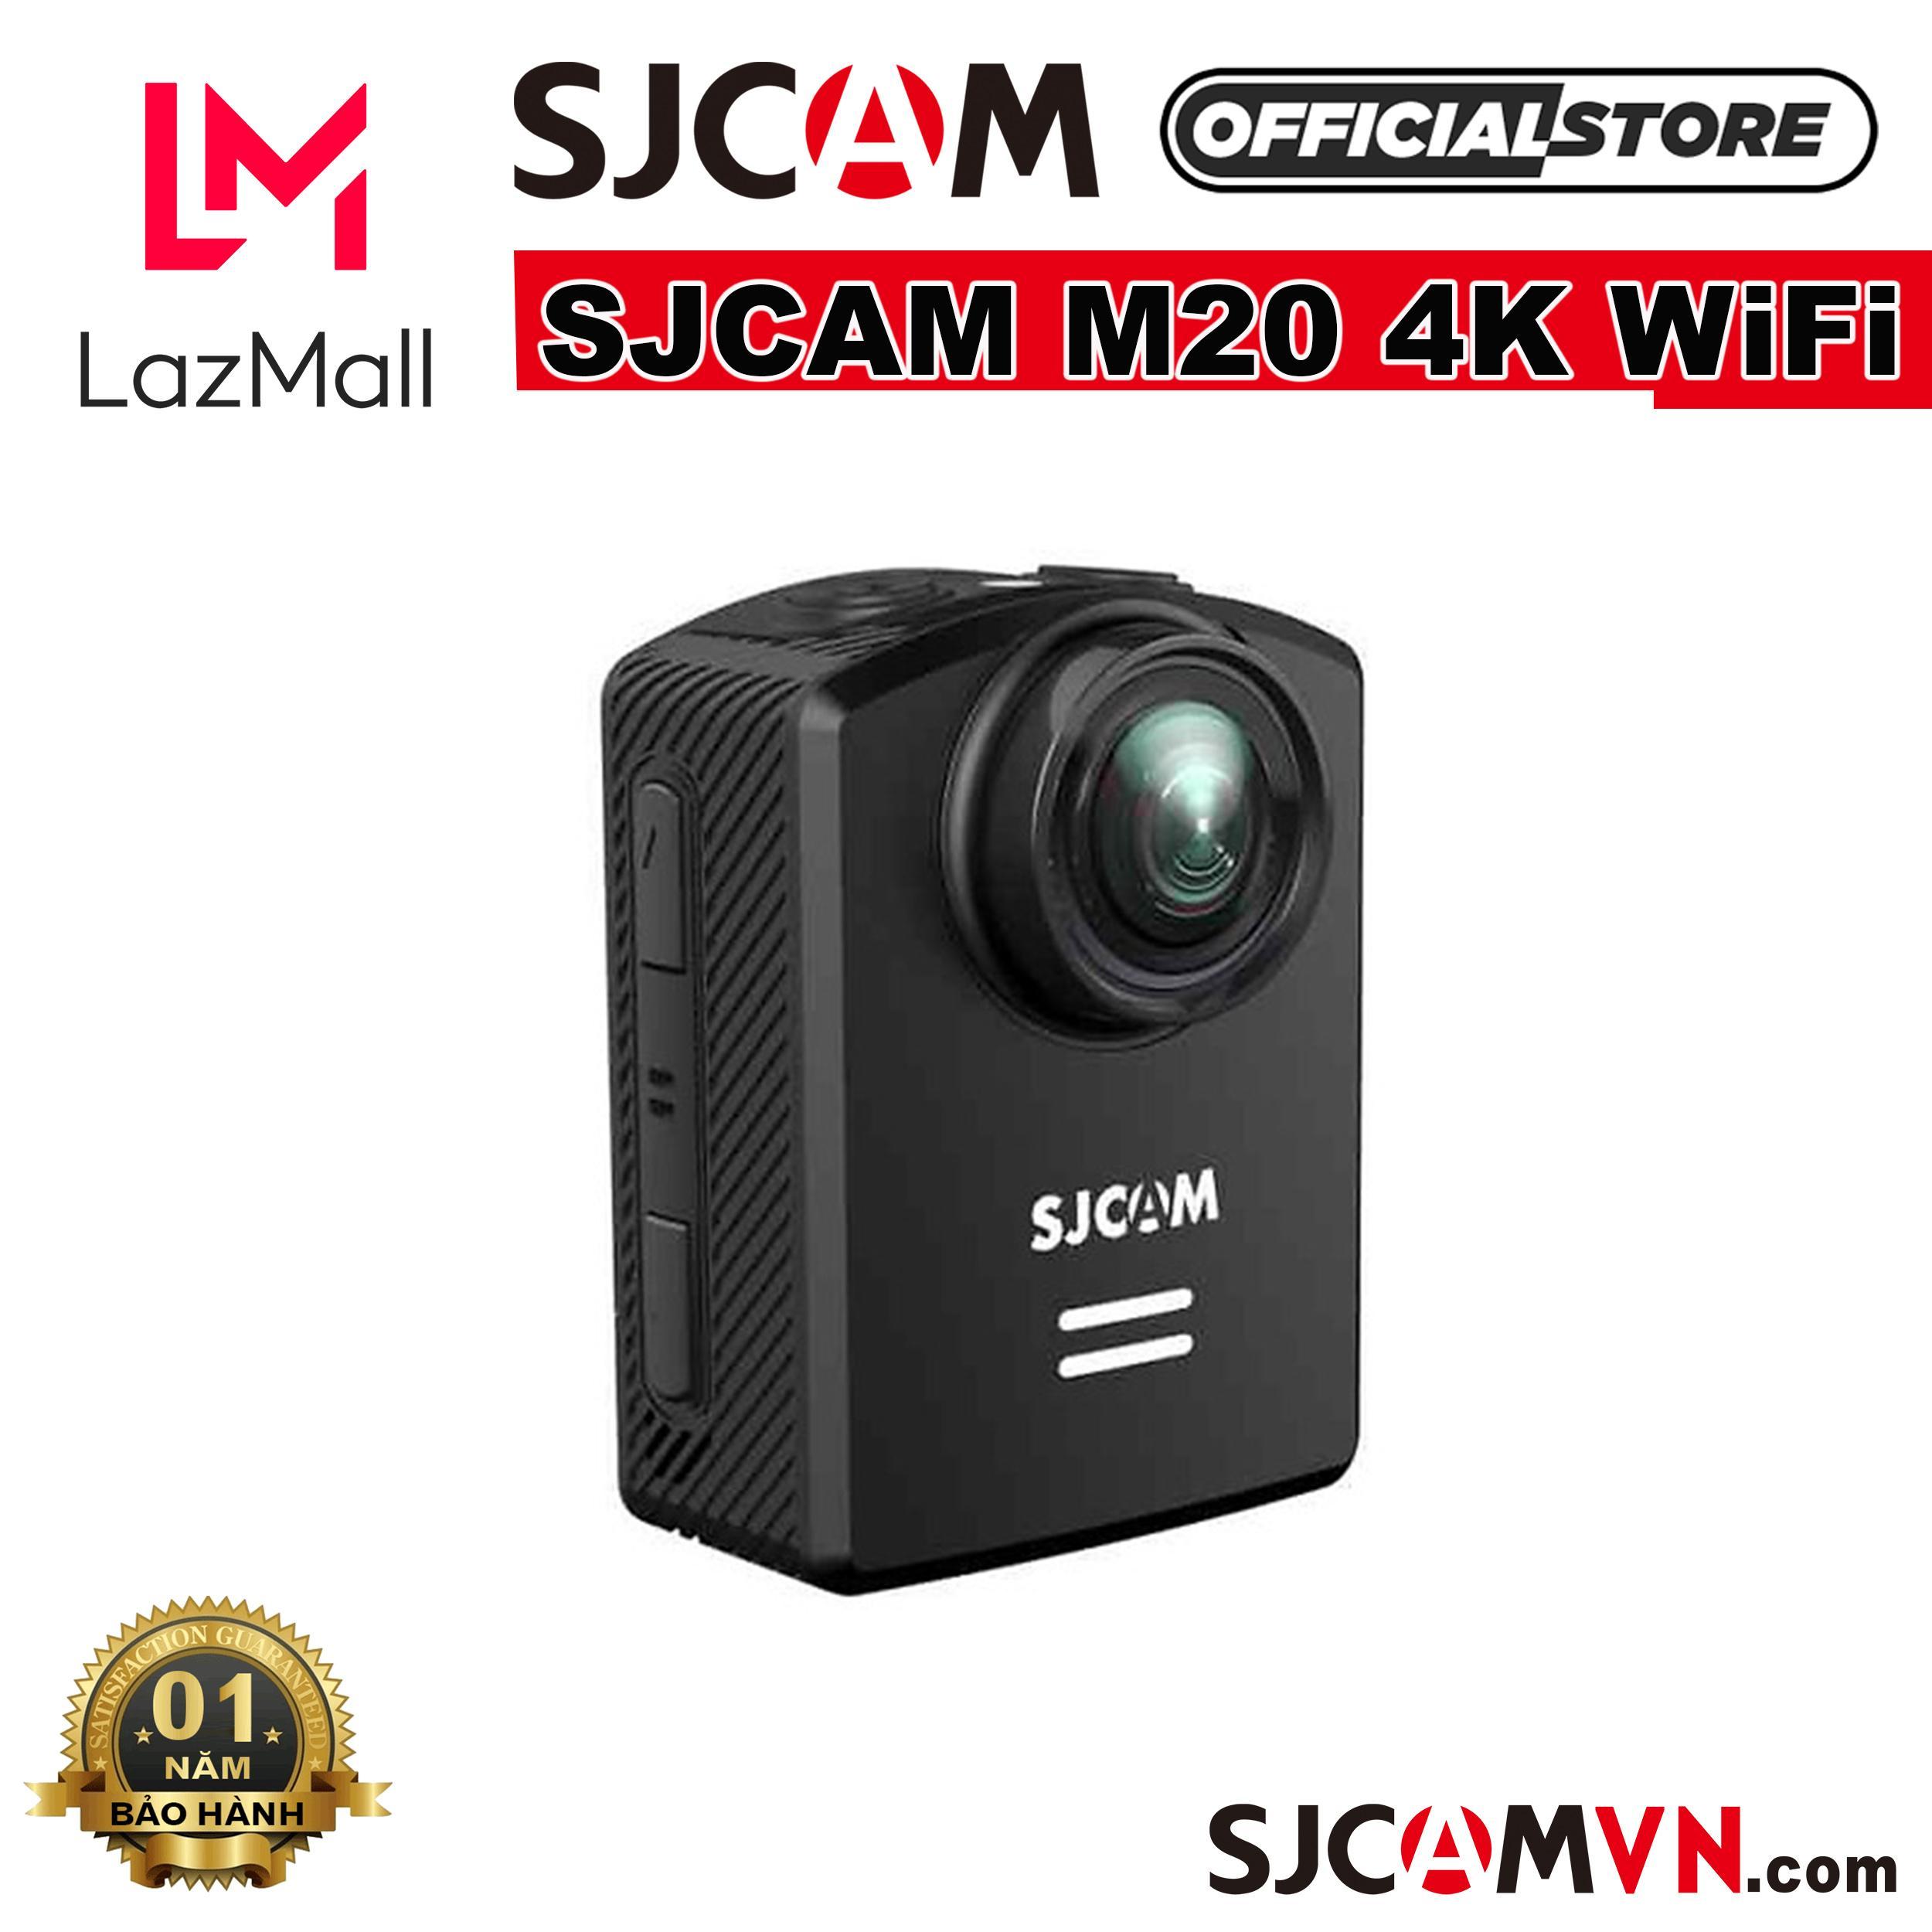 Offer Khuyến Mãi Camera Hành Trình SJCAM M20 4K WiFi - Hãng Phân Phối Chính Thức